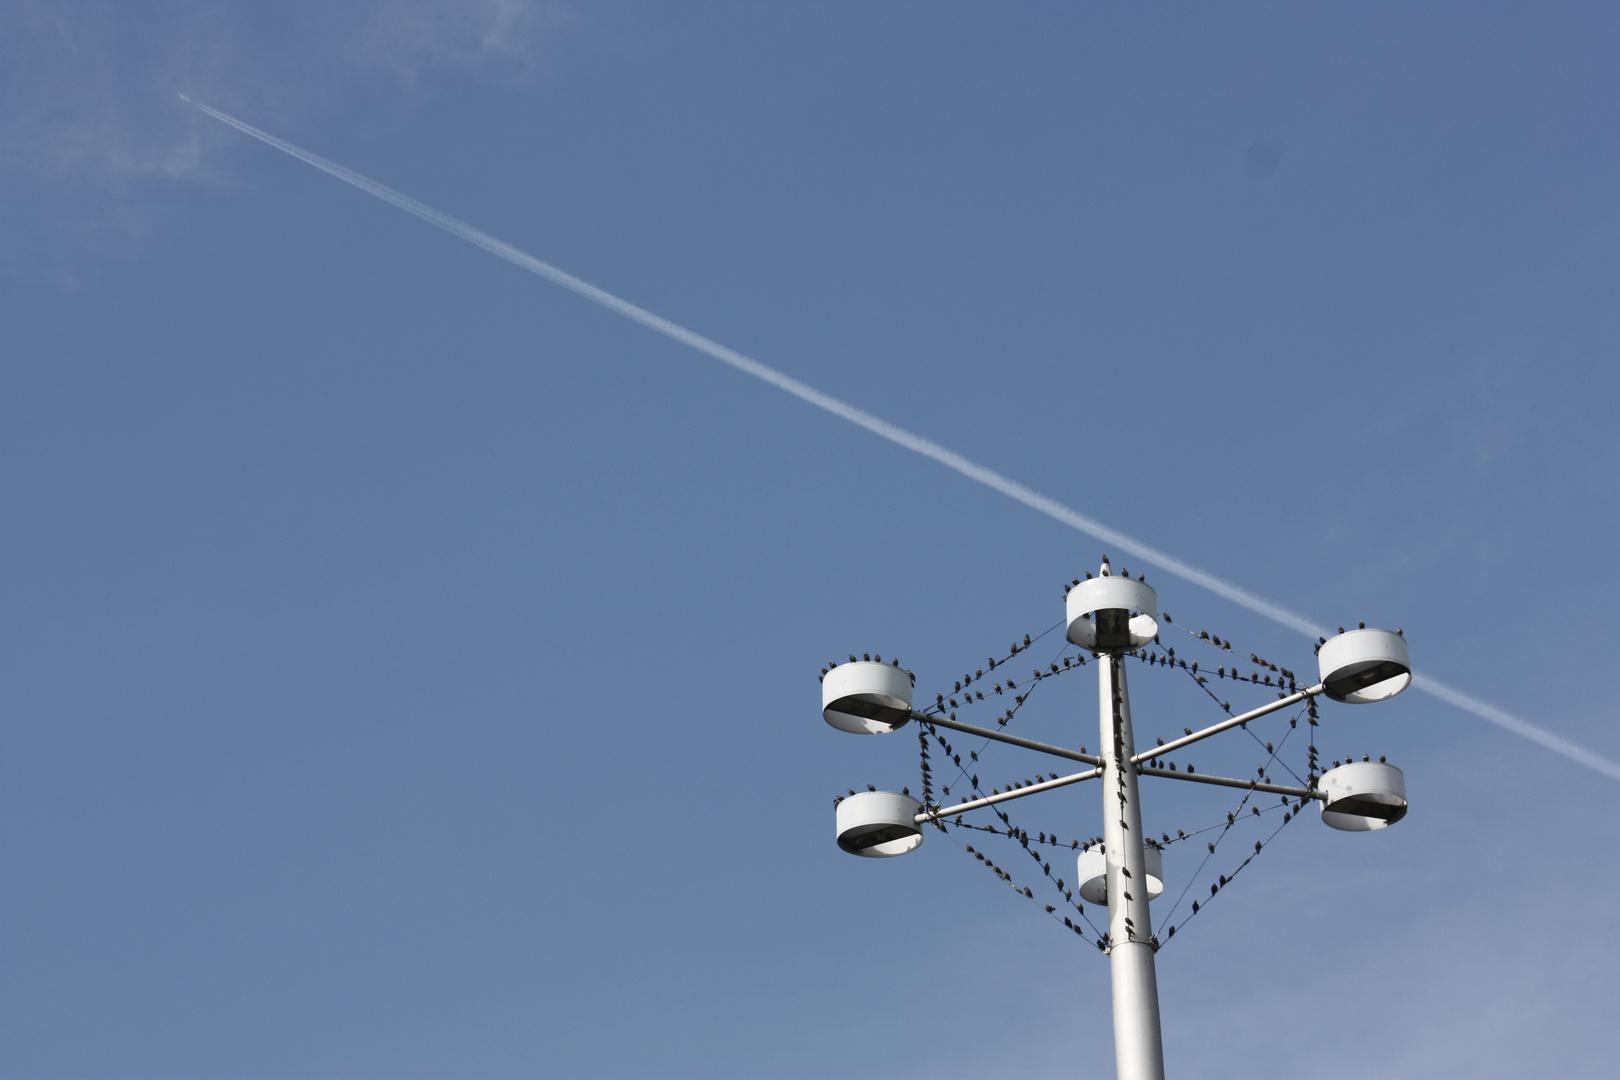 Vögeltreffpunkt bei Lichtturm